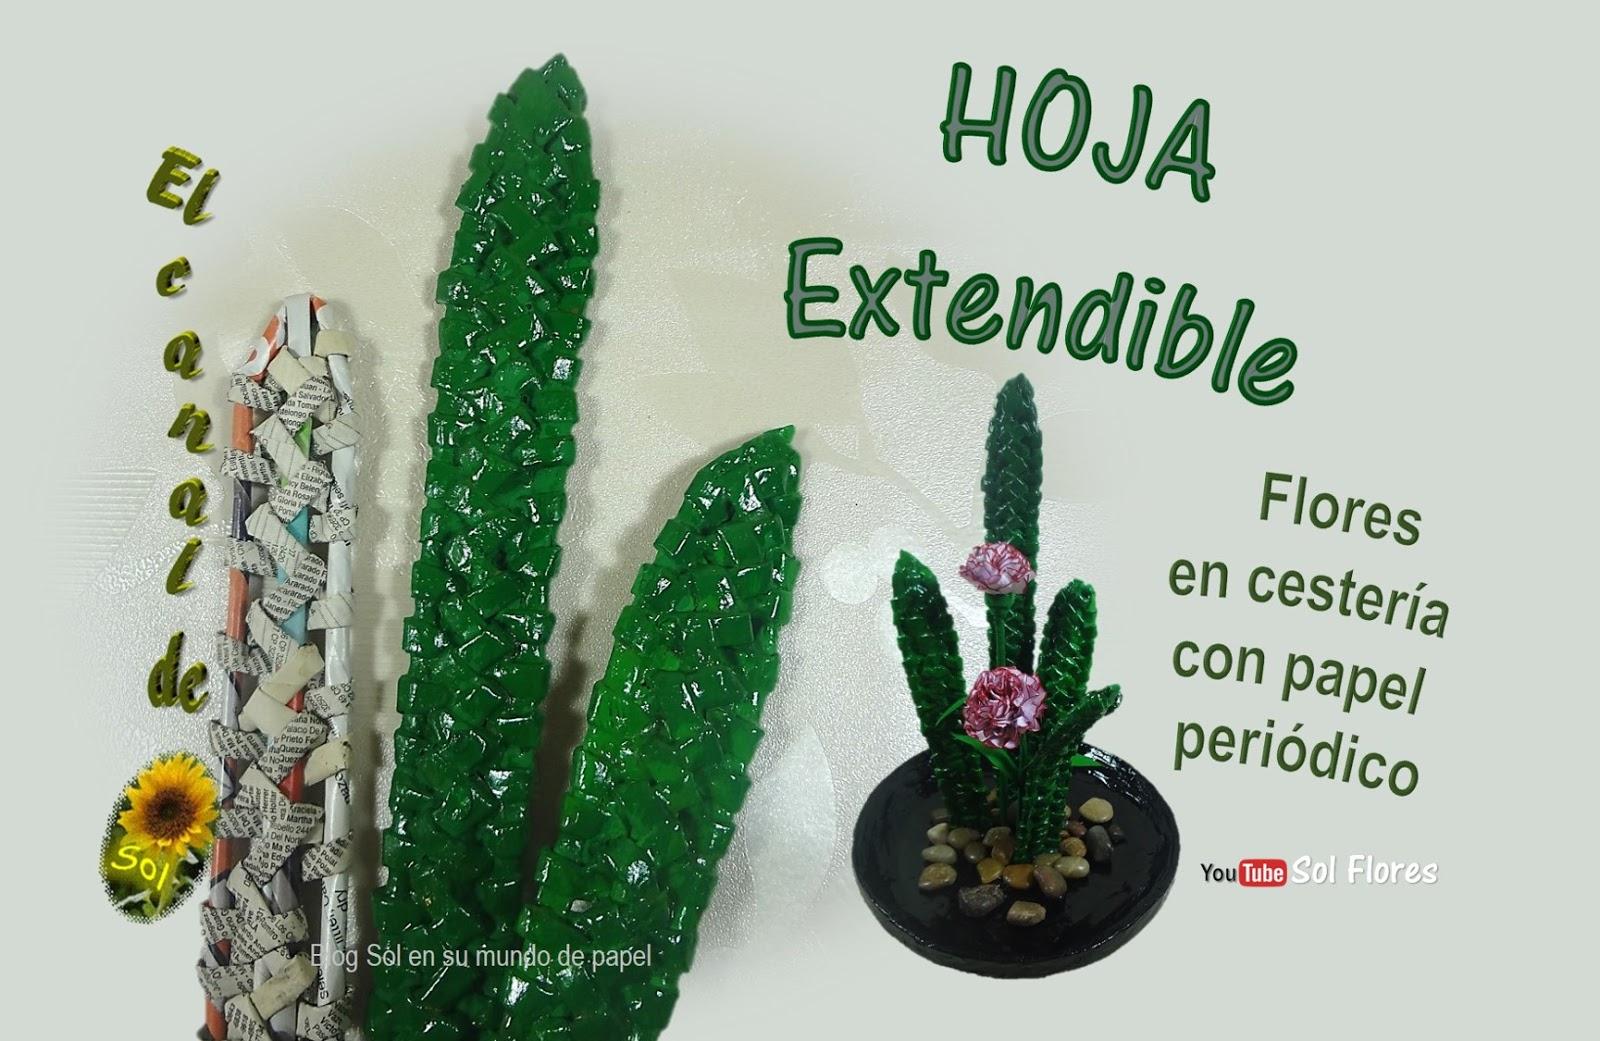 Hoja extendible flores en cester a con papel peri dico 2 de 3 - Cesteria con papel periodico paso a paso ...